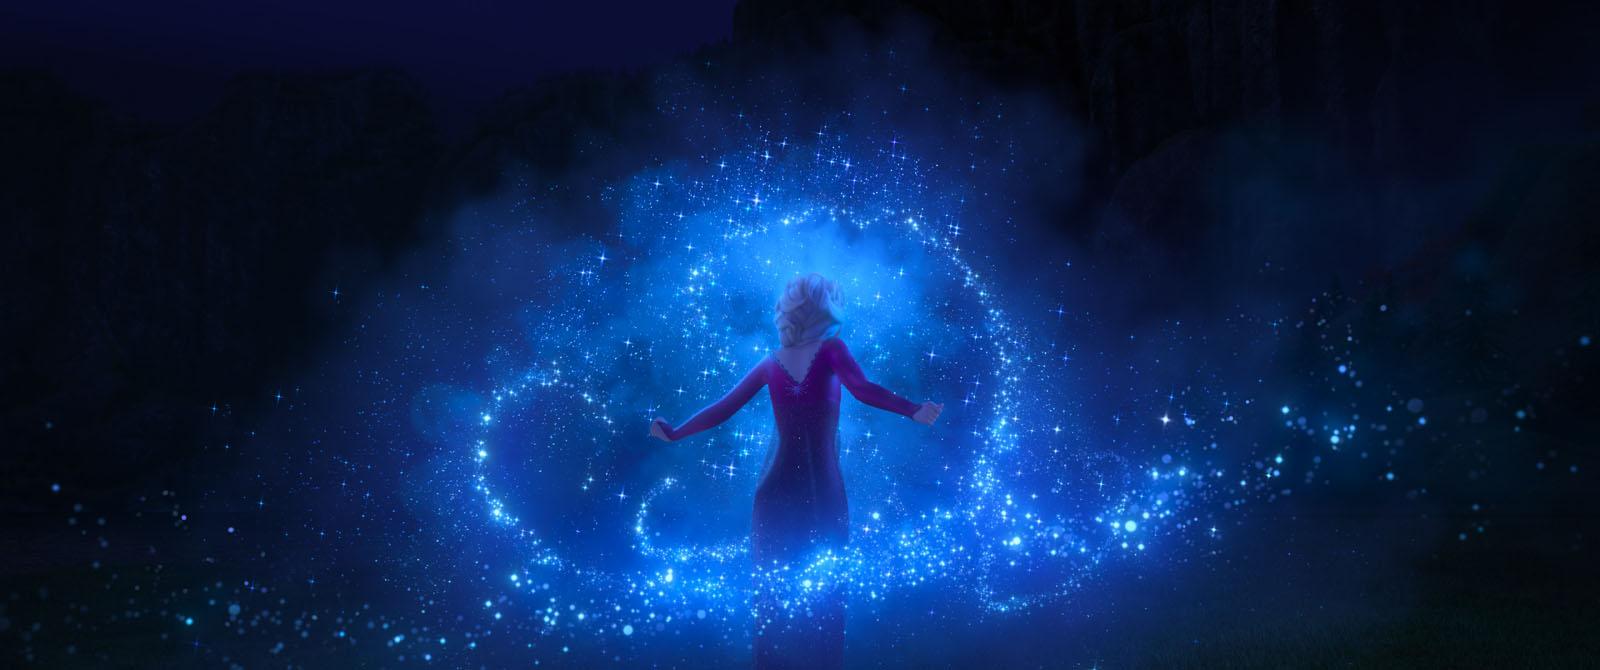 [Films] La Reine des neiges 2 5991726